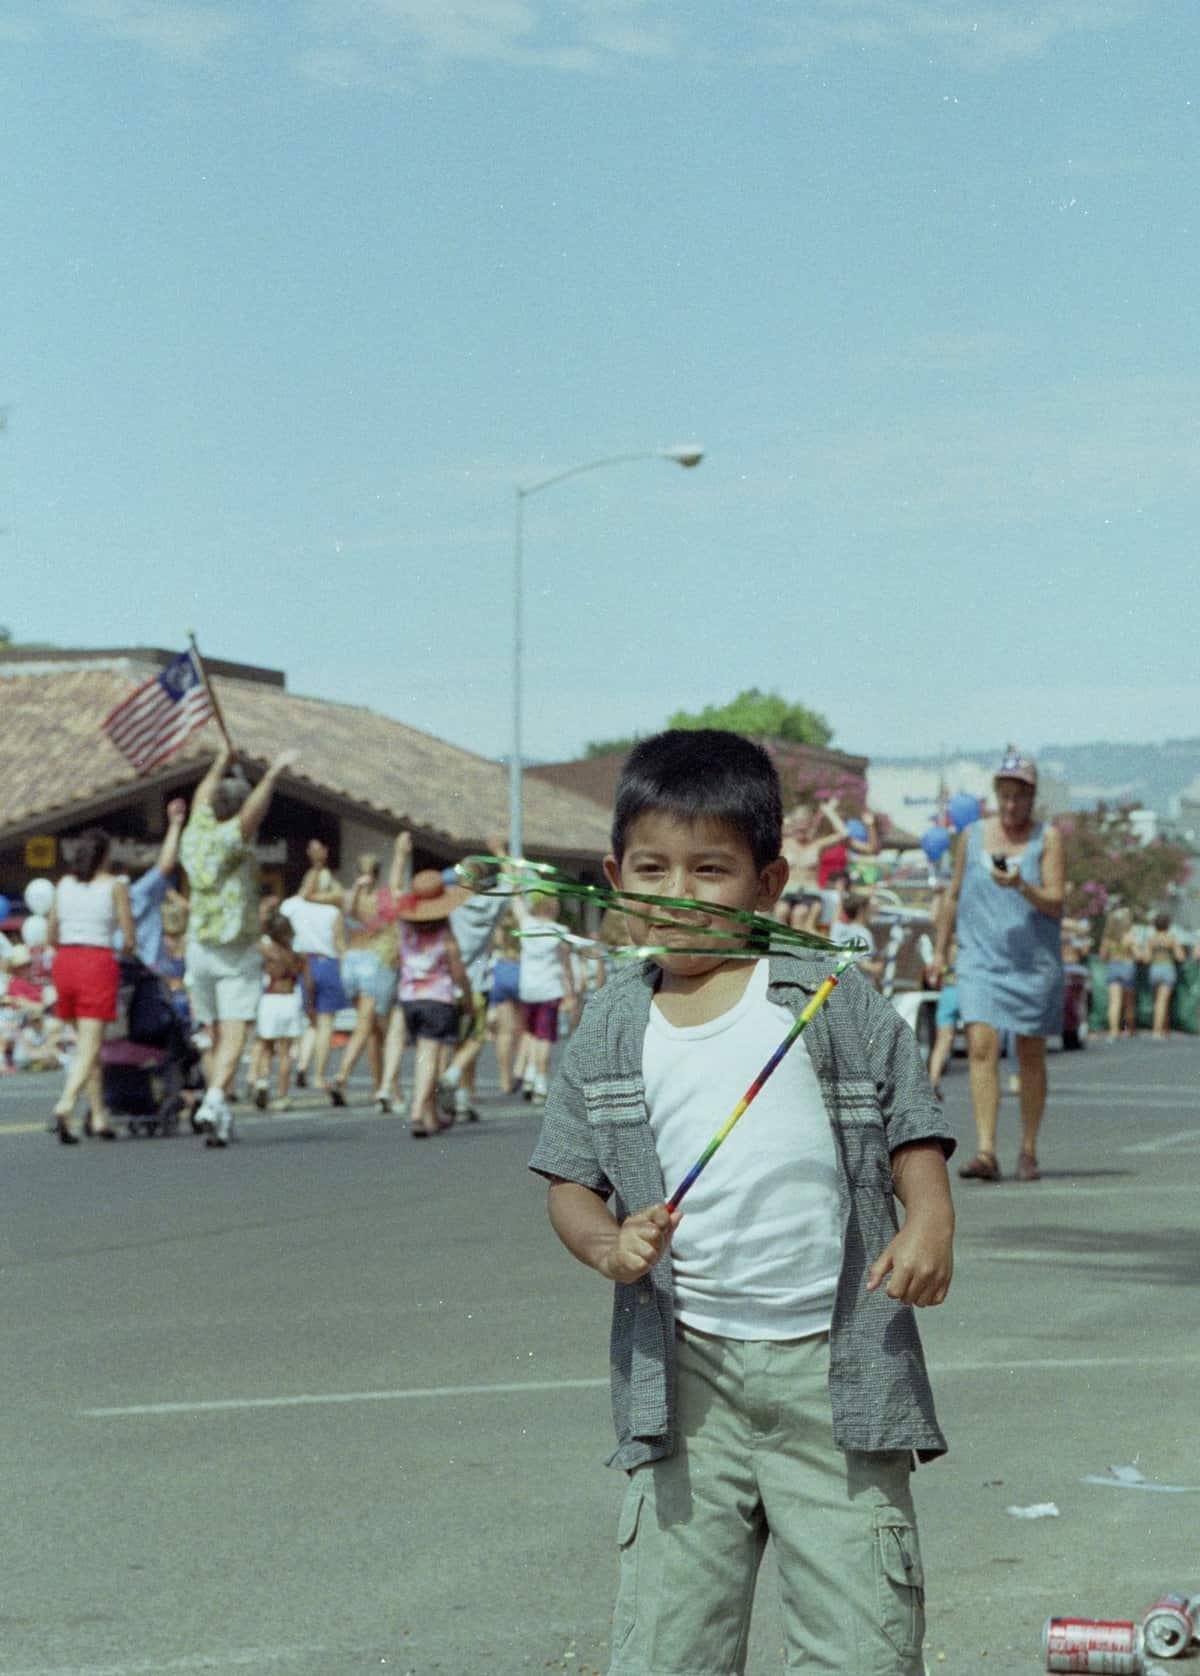 Mexican Boy im USA